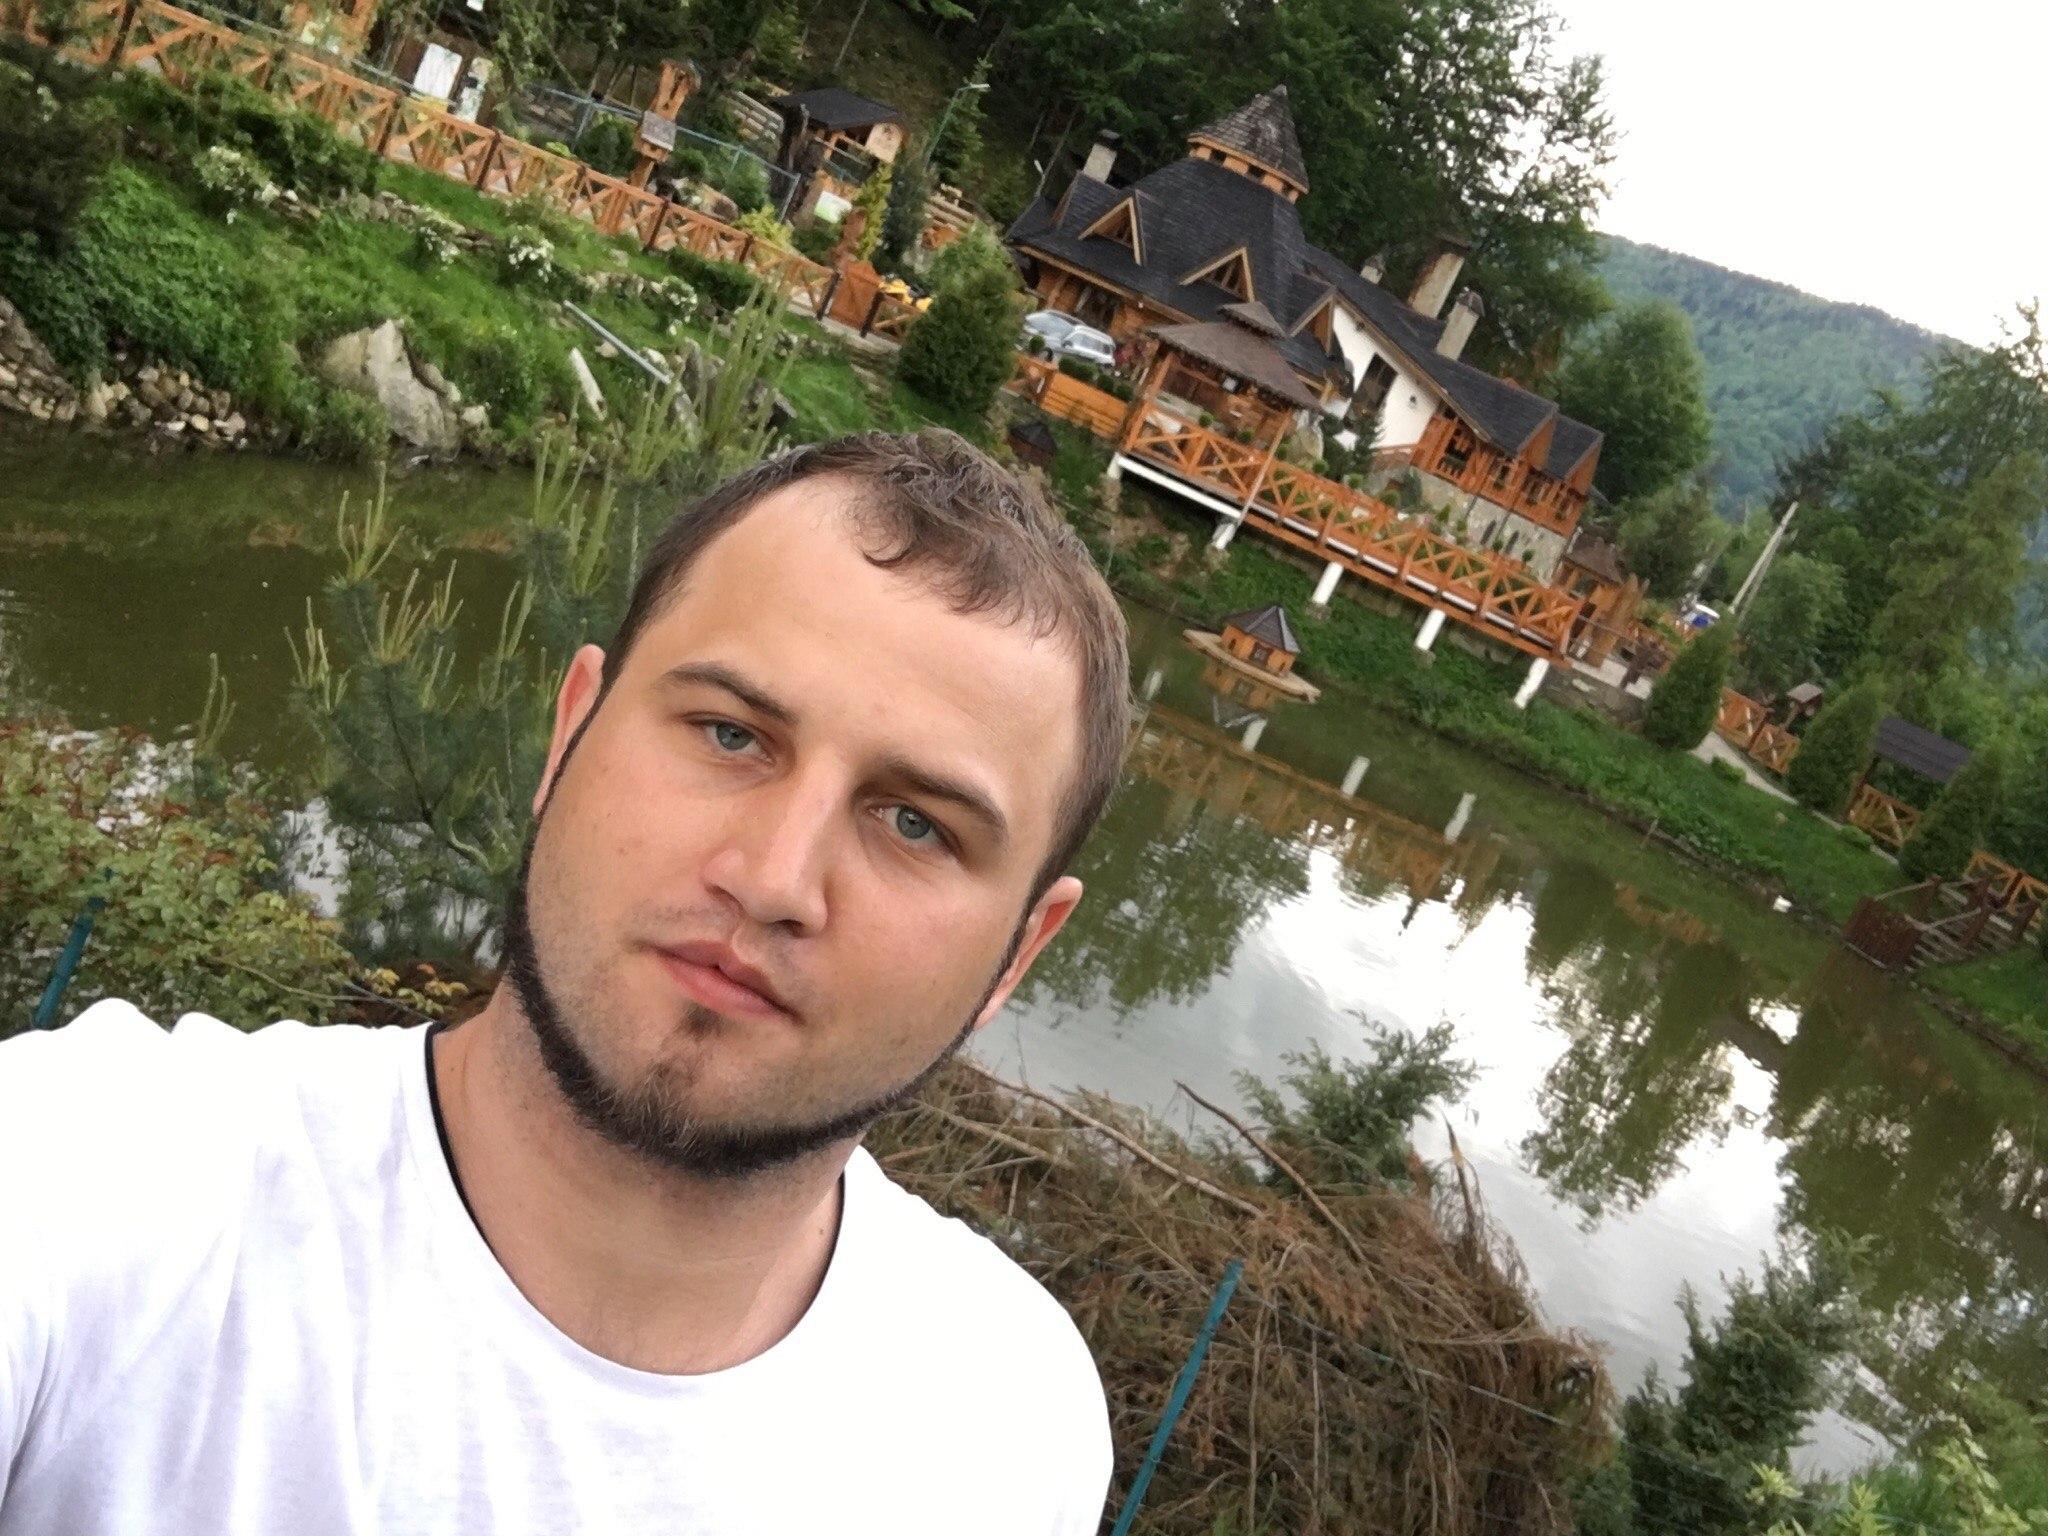 прекрасно, особых петровский владимир норильск фото сильной волей